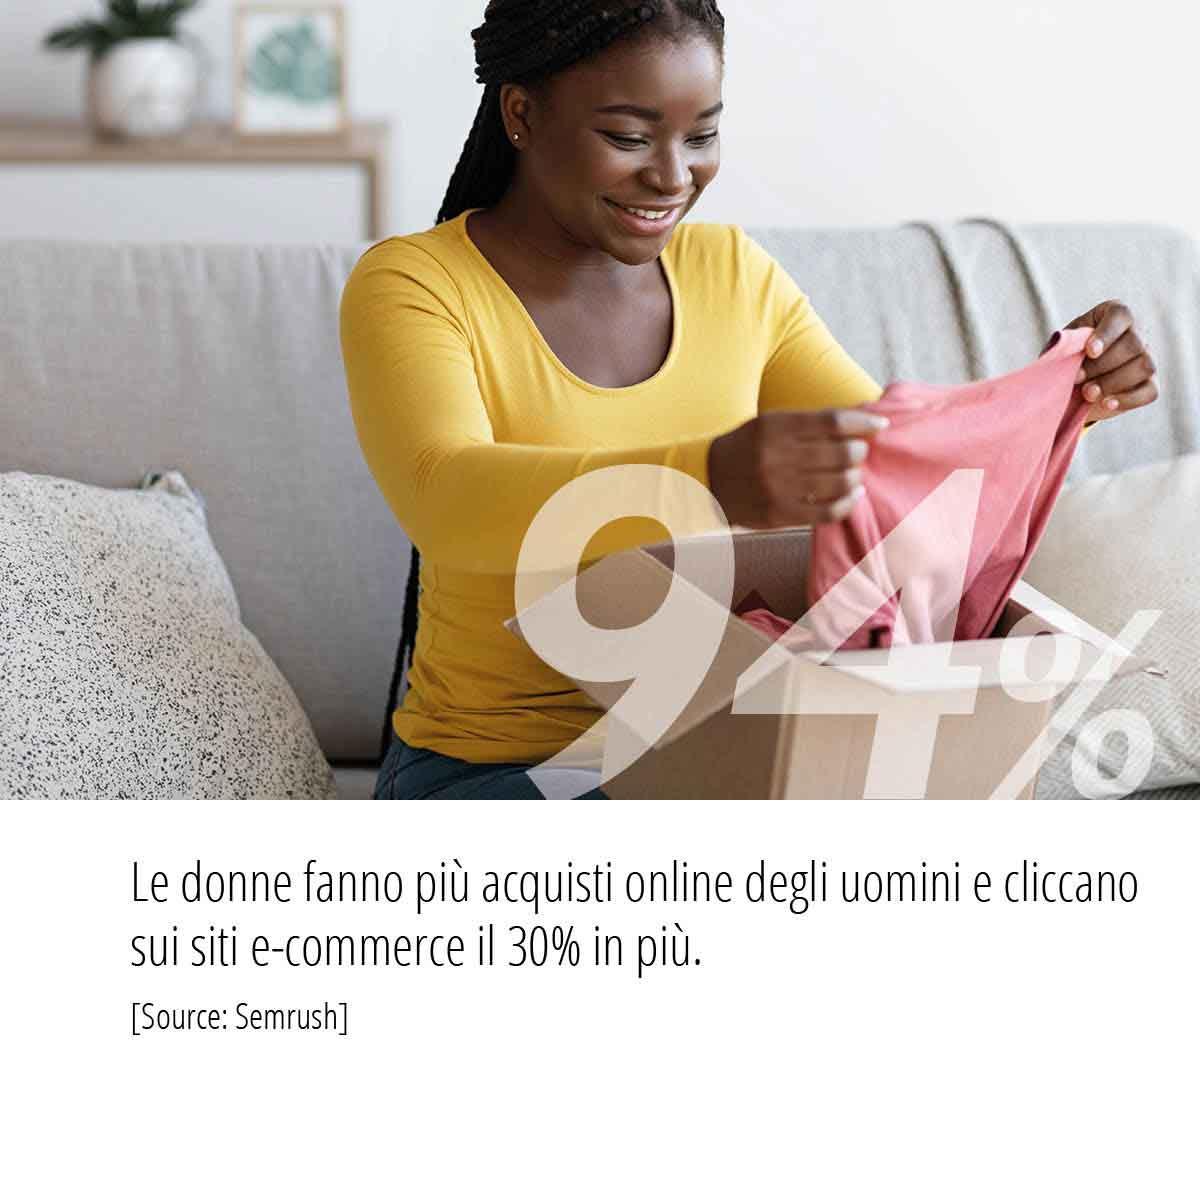 Statistica semrush Le donne fanno più acquisti online degli uomini